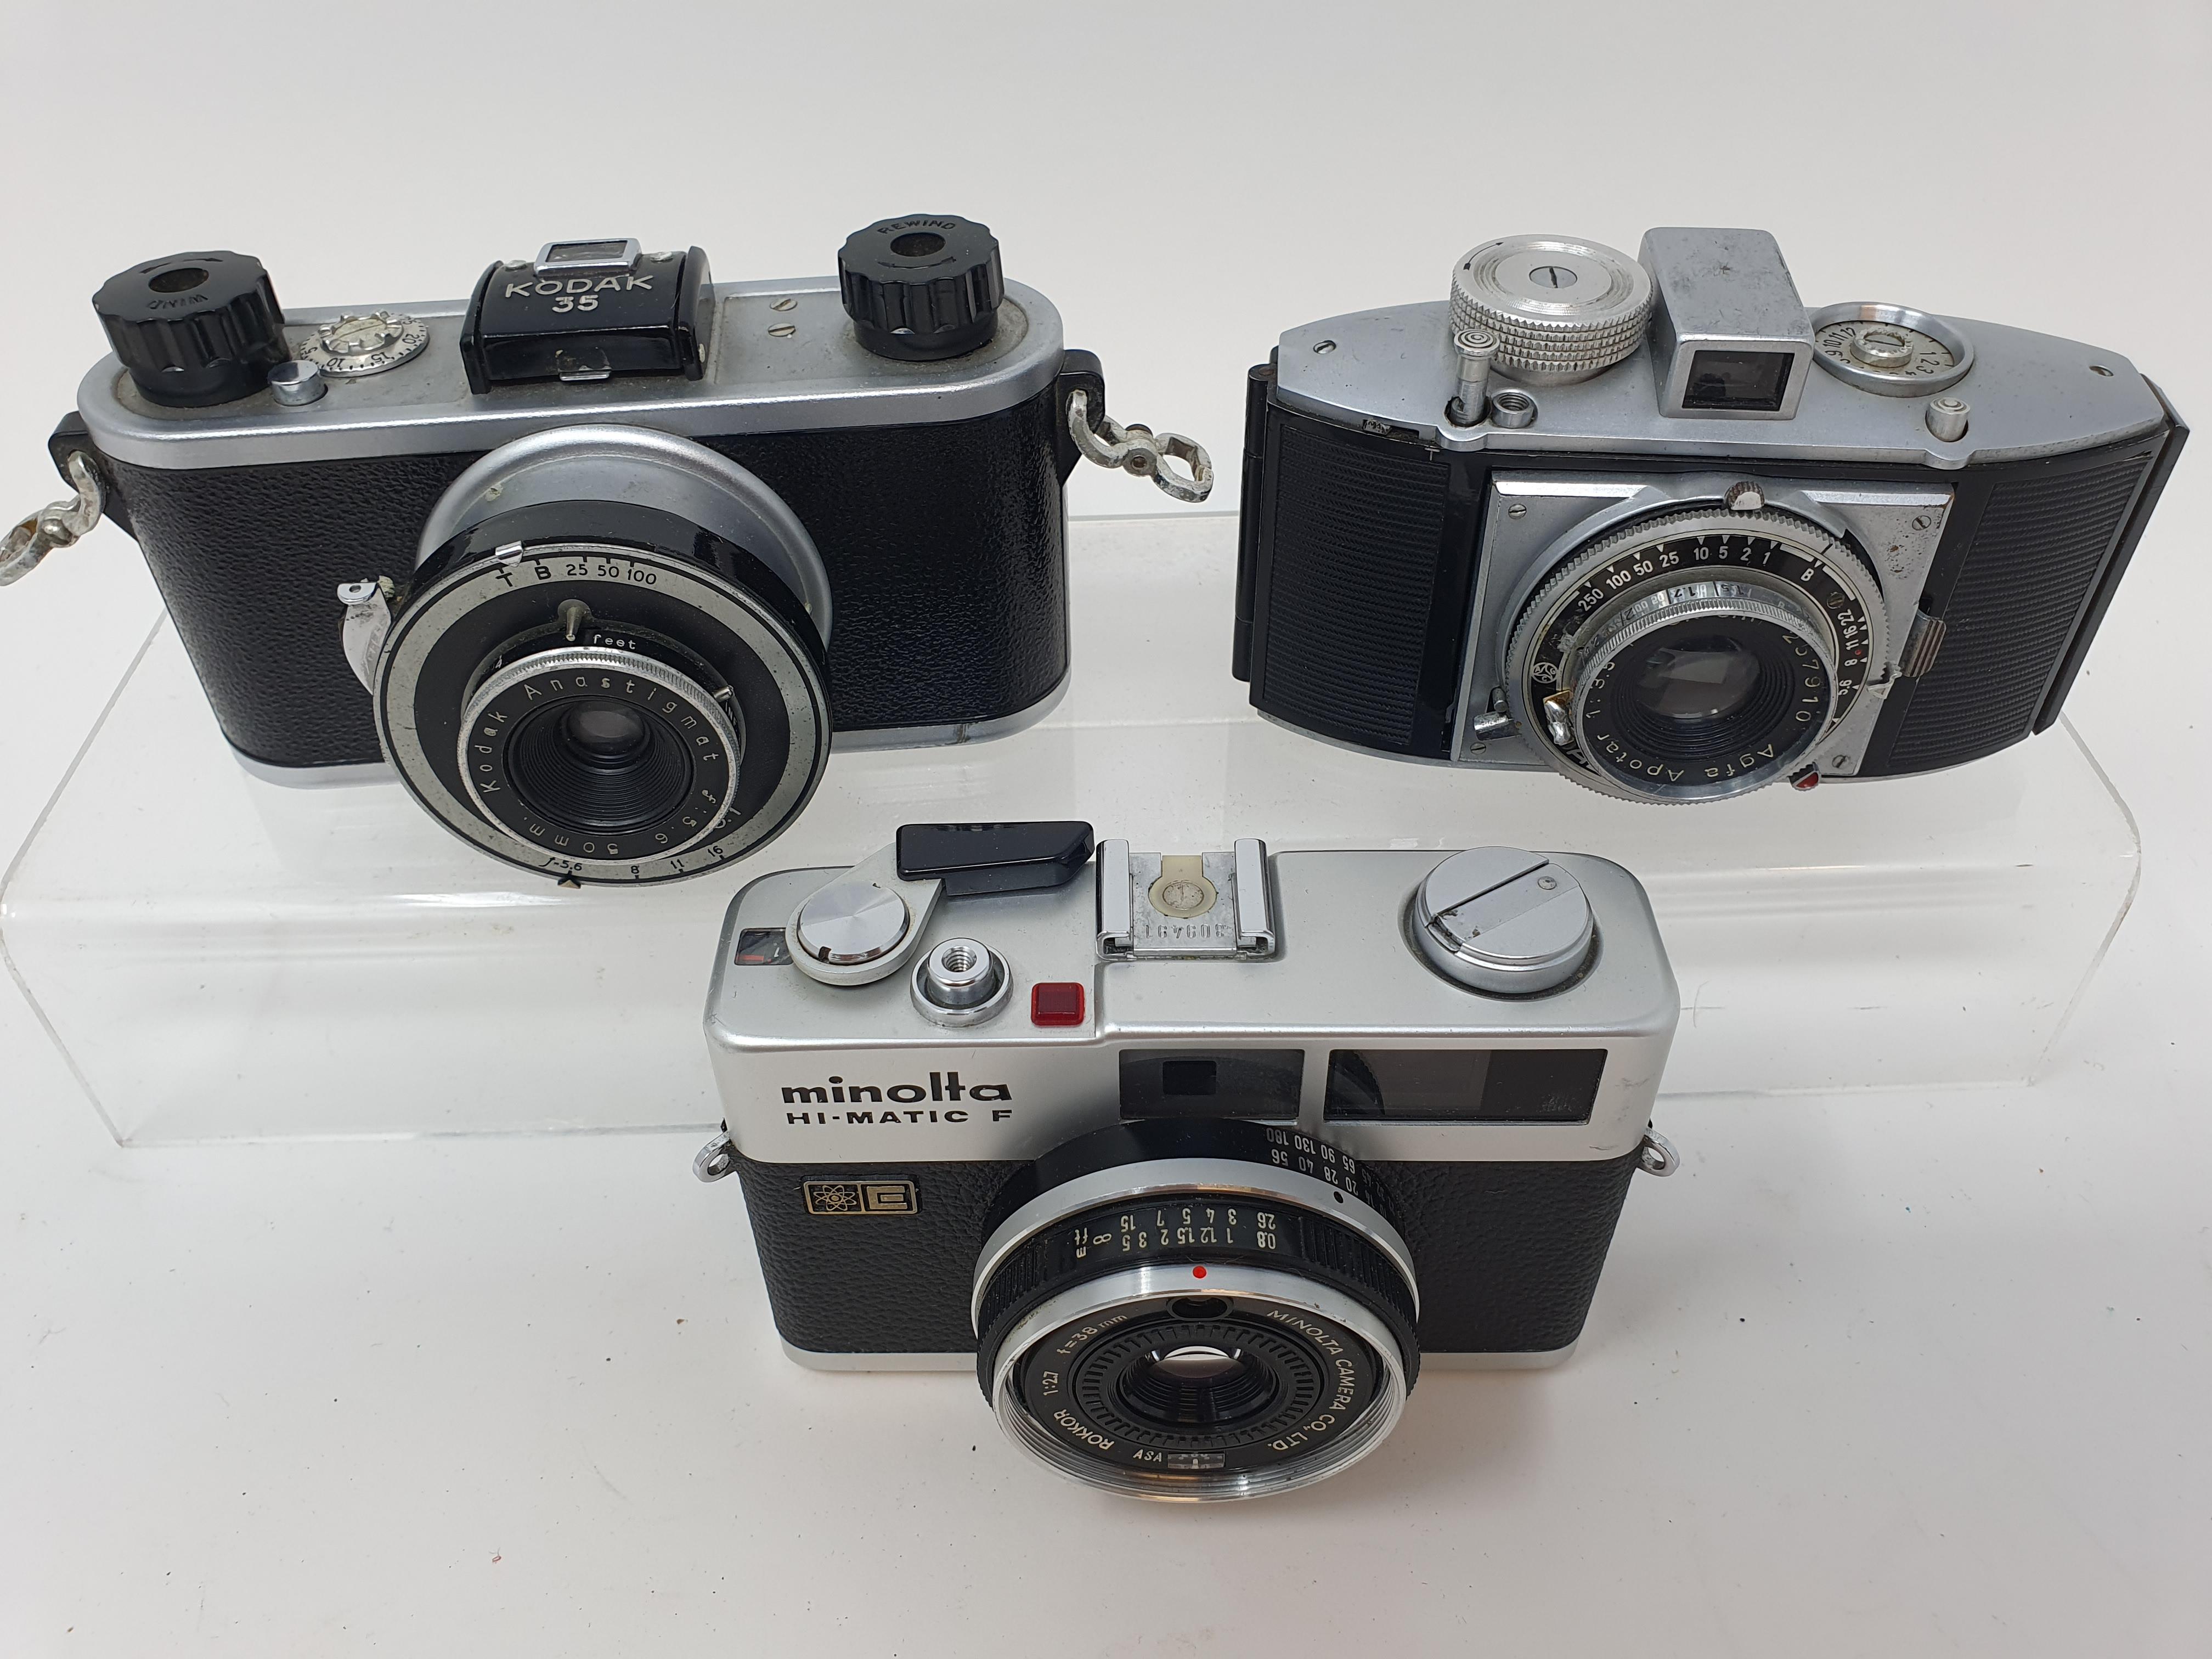 A Kodak 35 camera, a Minolta Hi - Matic F camera, and an Agfa Karat camera (3) Provenance: Part of a - Image 2 of 2